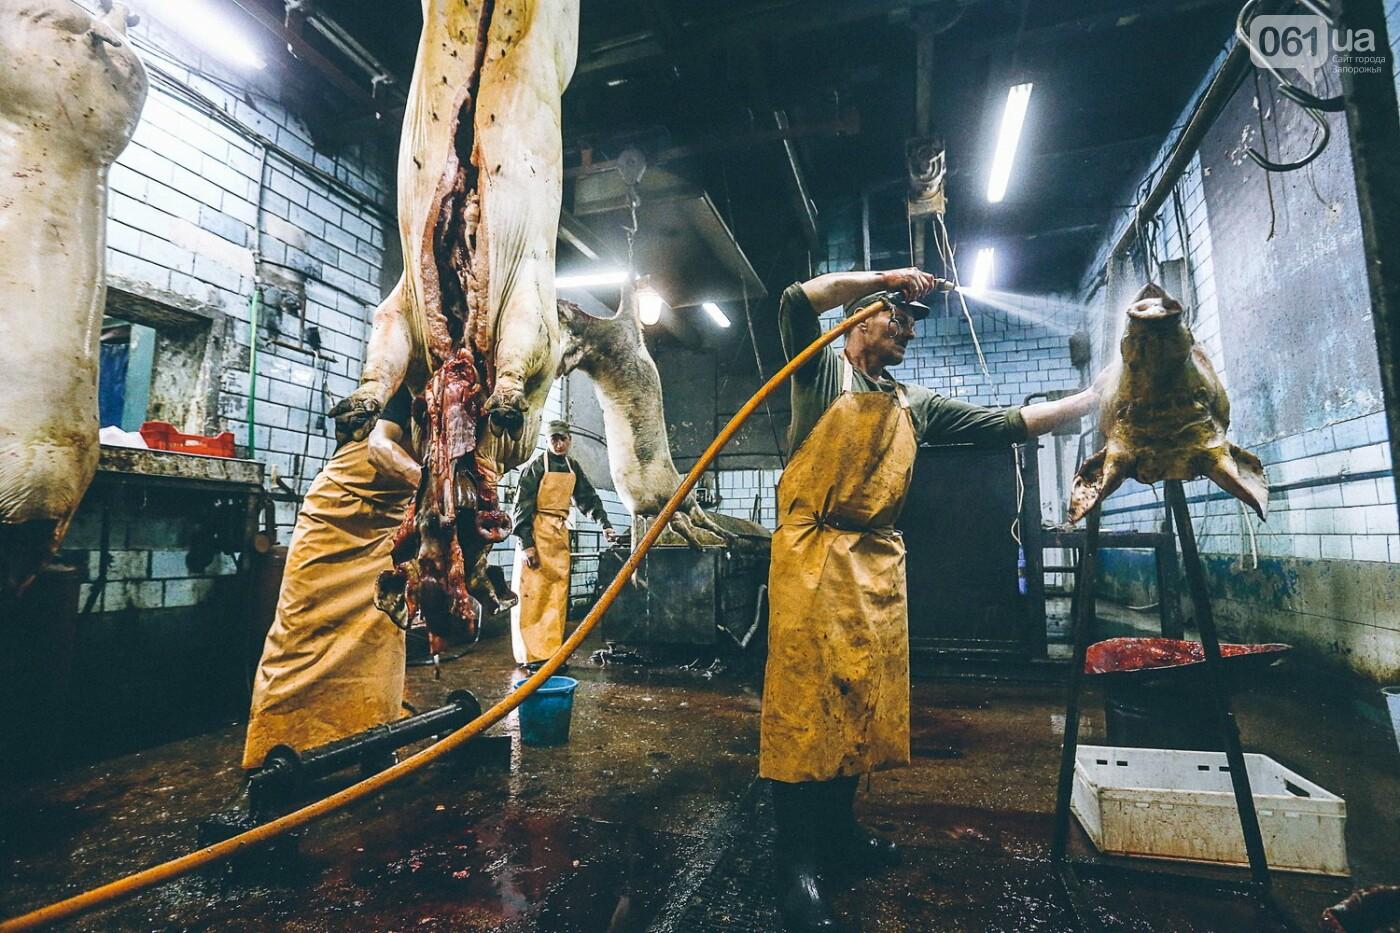 Забой скота в Украине приходит к европейским стандартам - ФОТОРЕПОРТАЖ 18+, фото-15